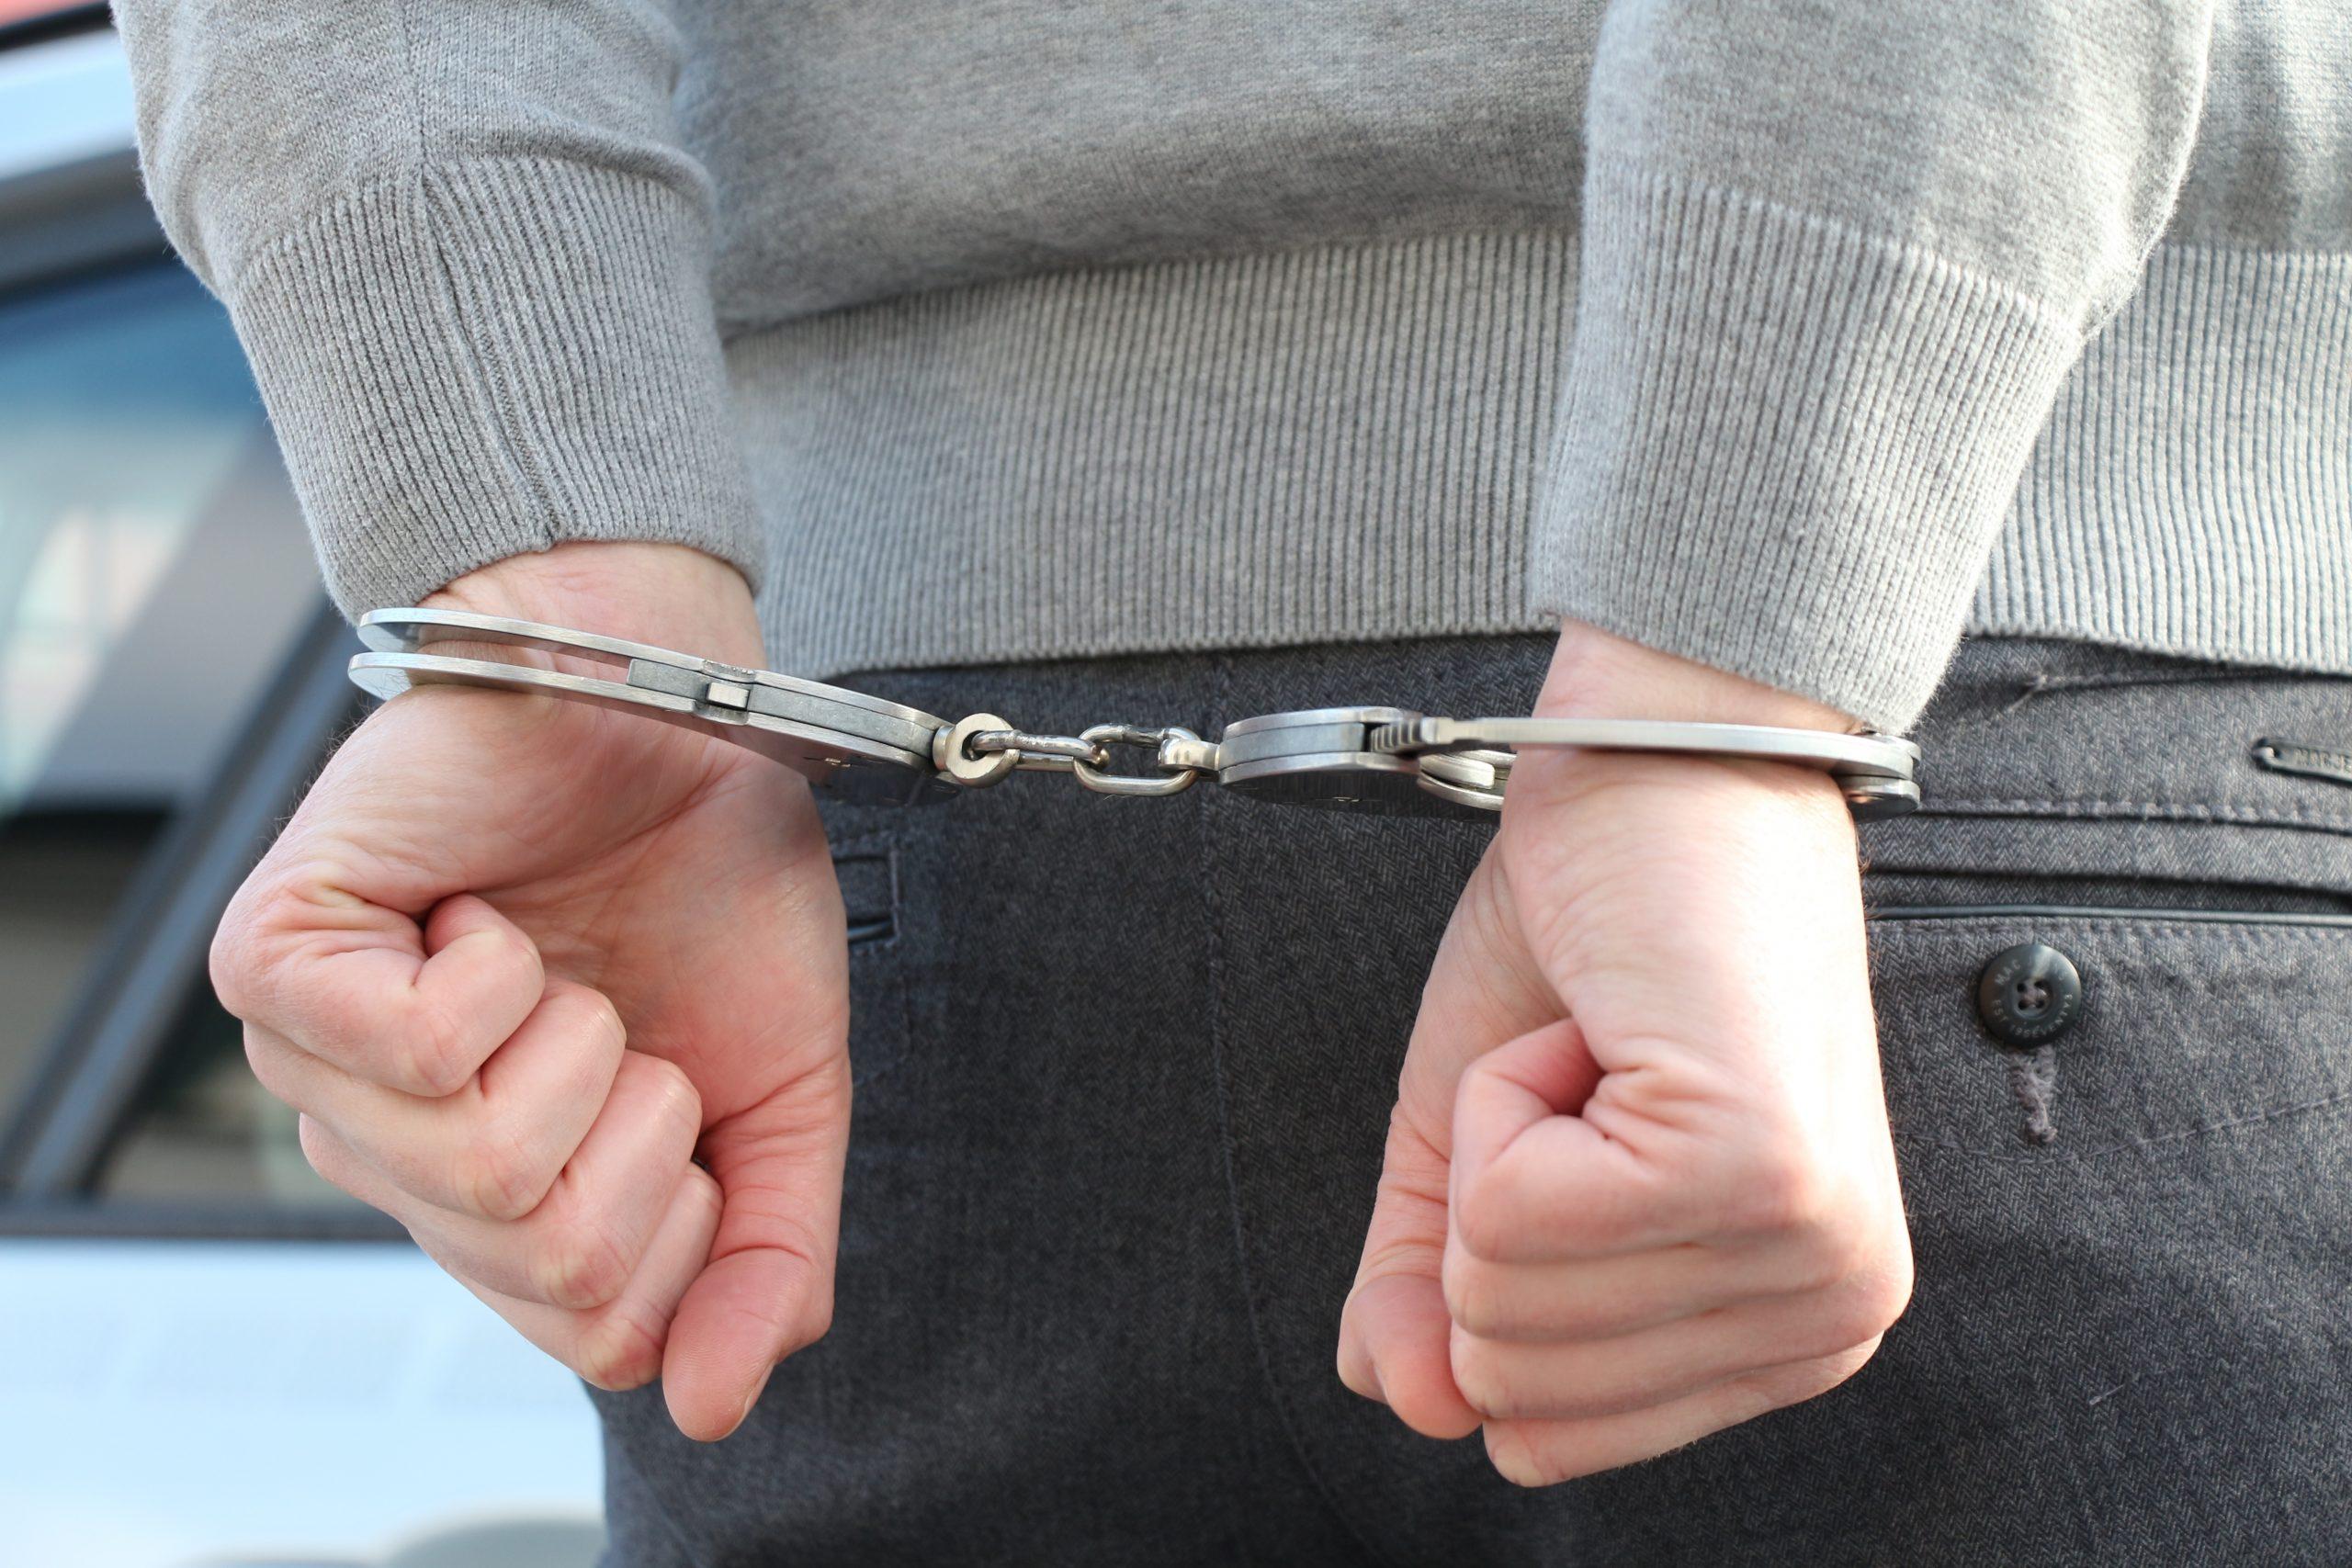 В 1-ом Капотнинском проезде задержали нетрезвого угонщика Фото: pixabay.com